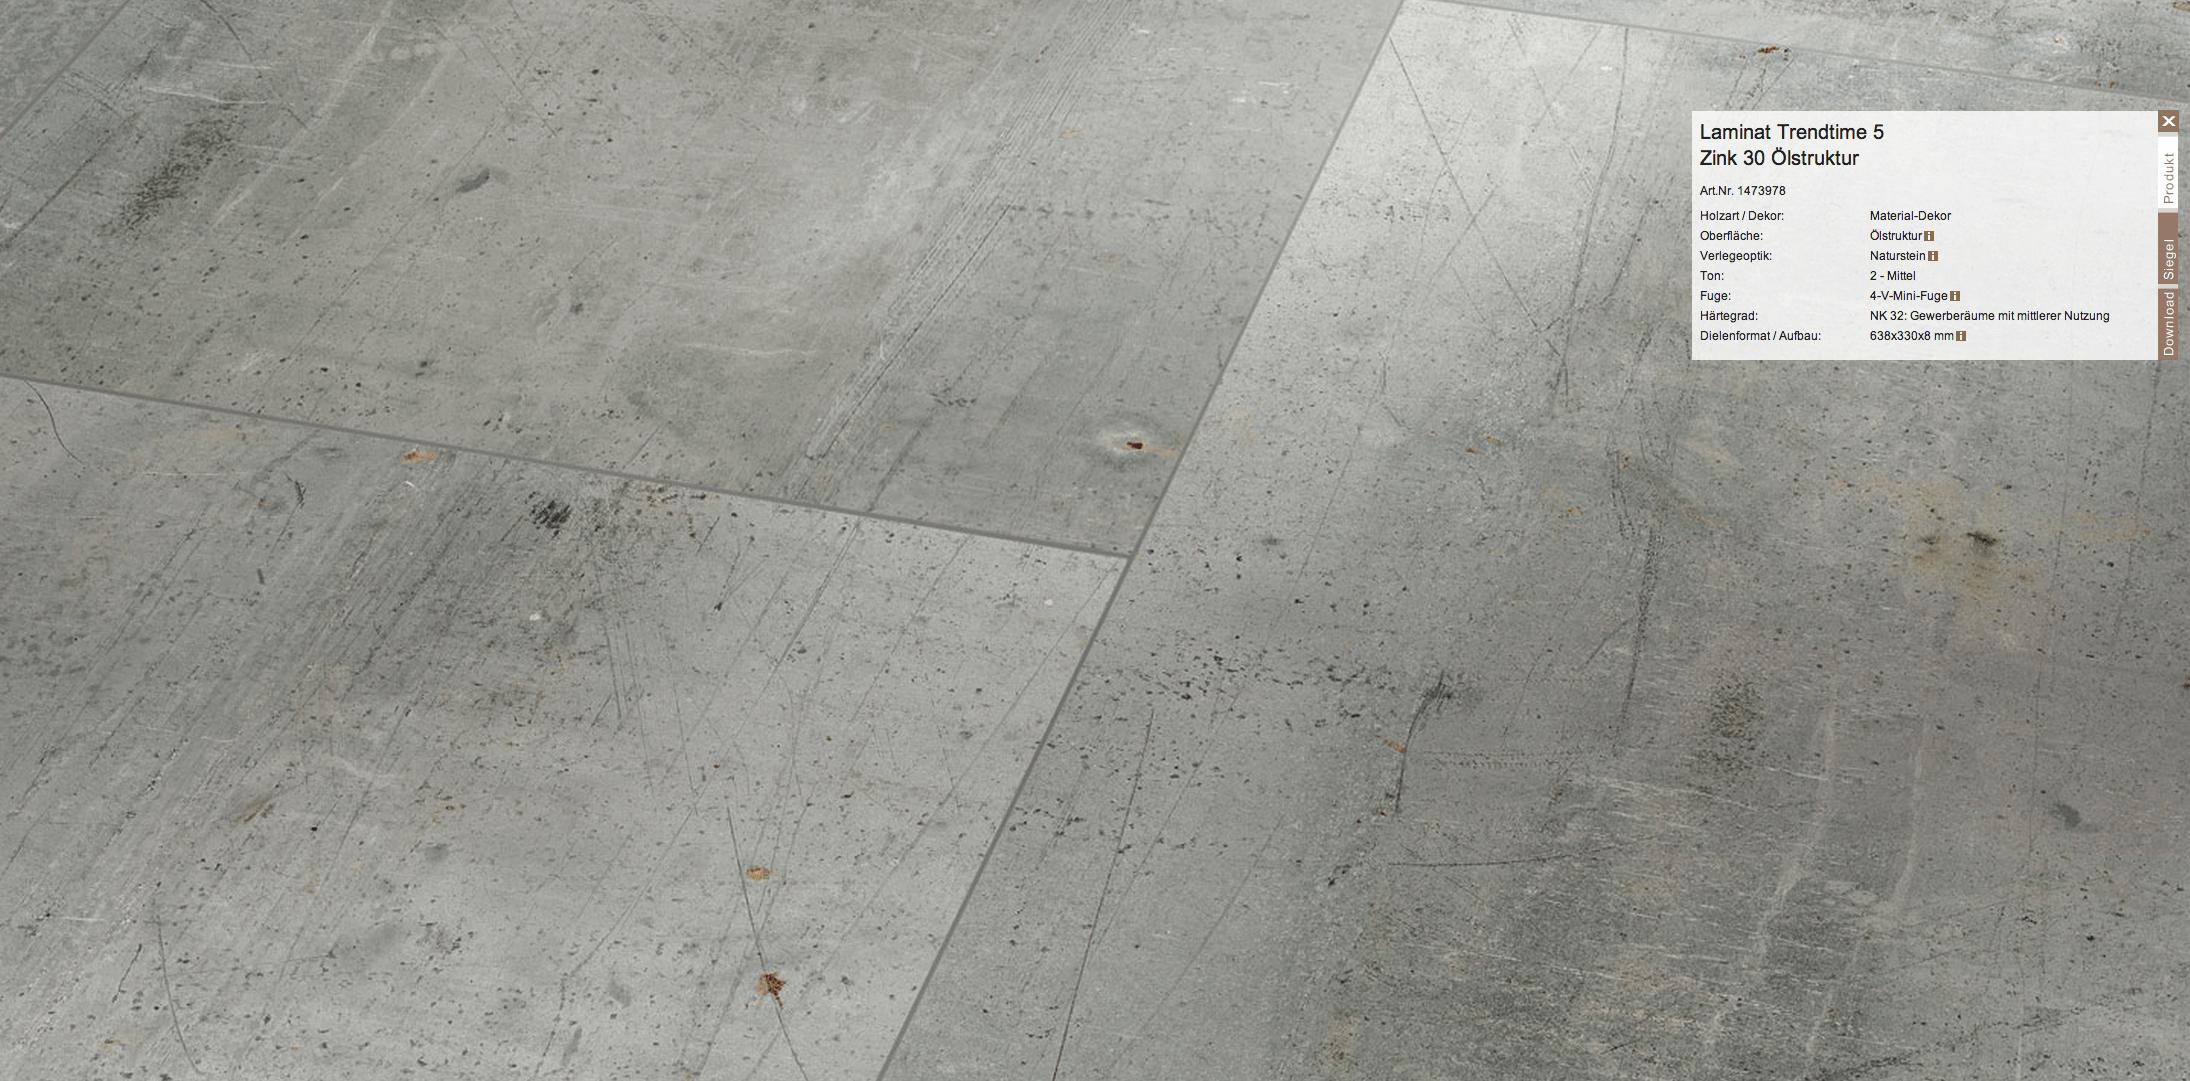 küche mit laminat arbeitsplatten design kc3bcche echtholz .... die ...